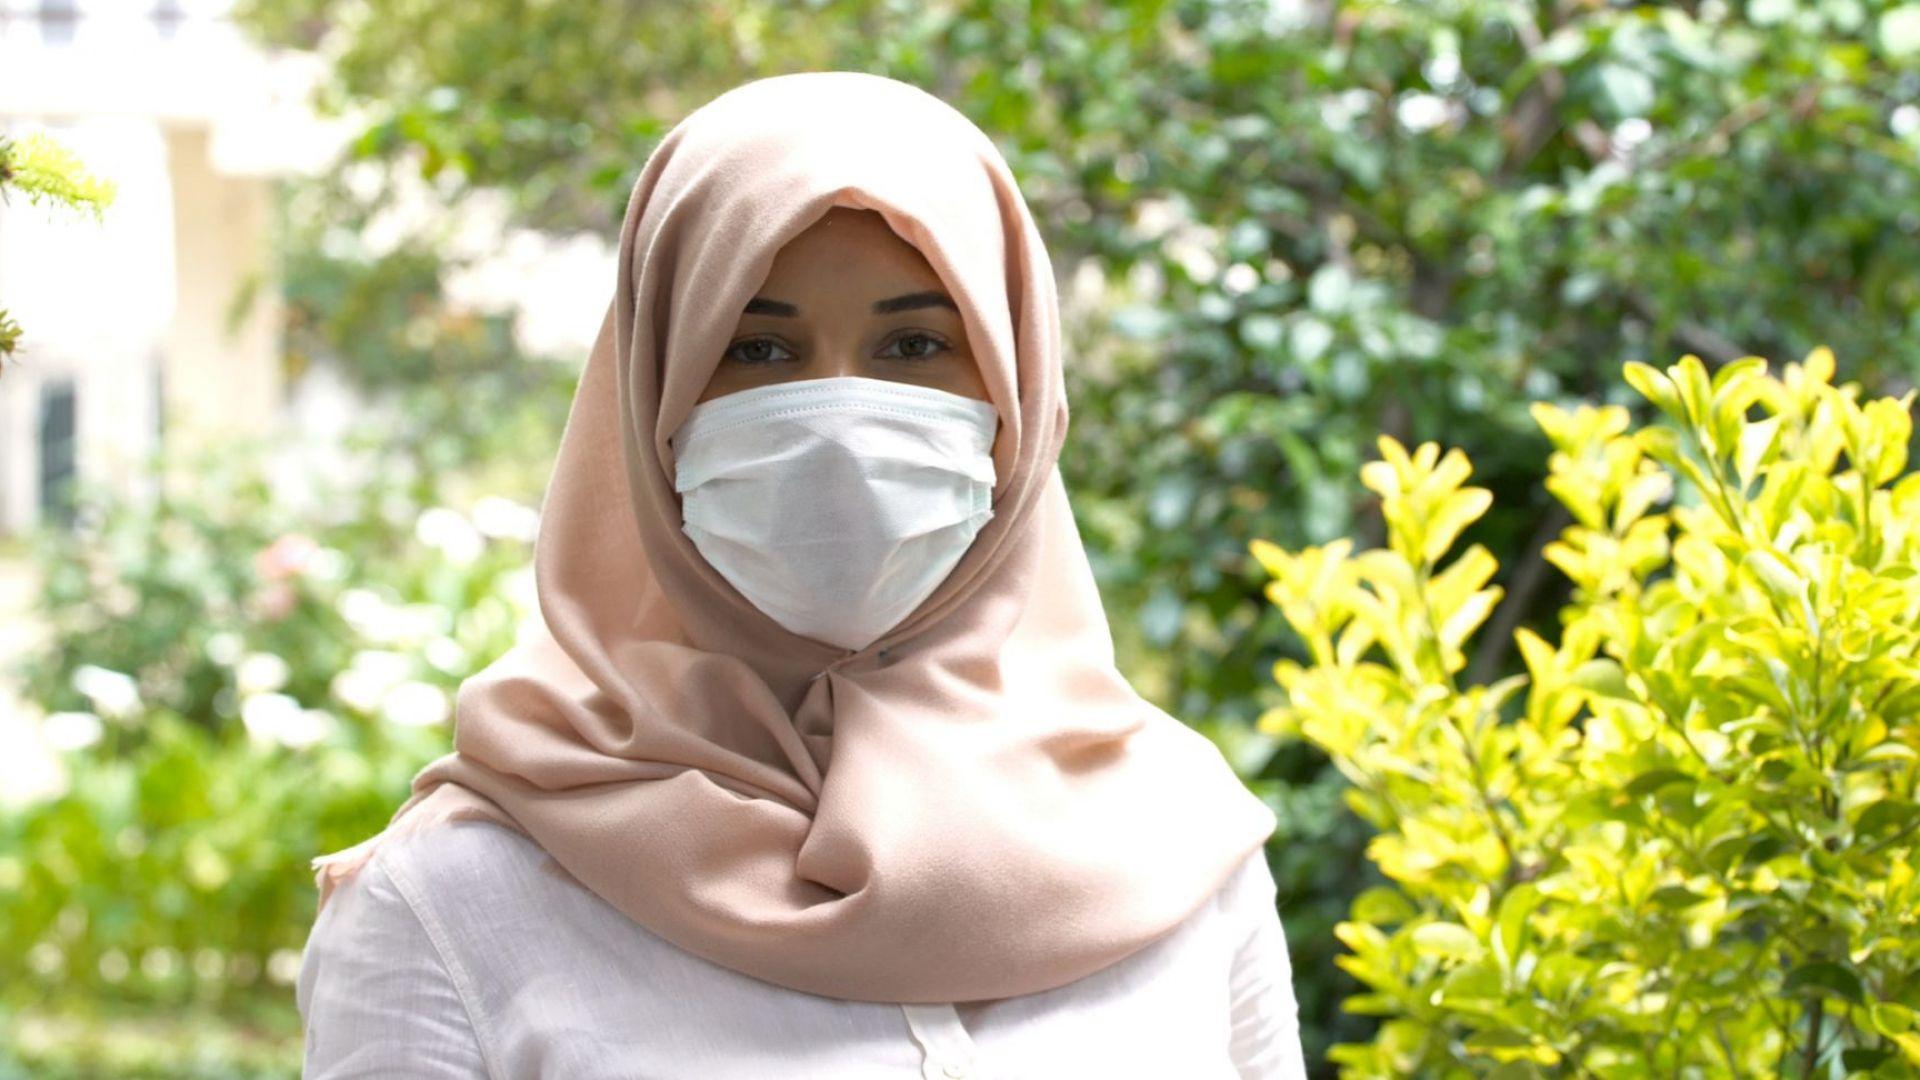 Избирателна комисия в Германия върнала жена, дошла да гласува с хиджаб и маска